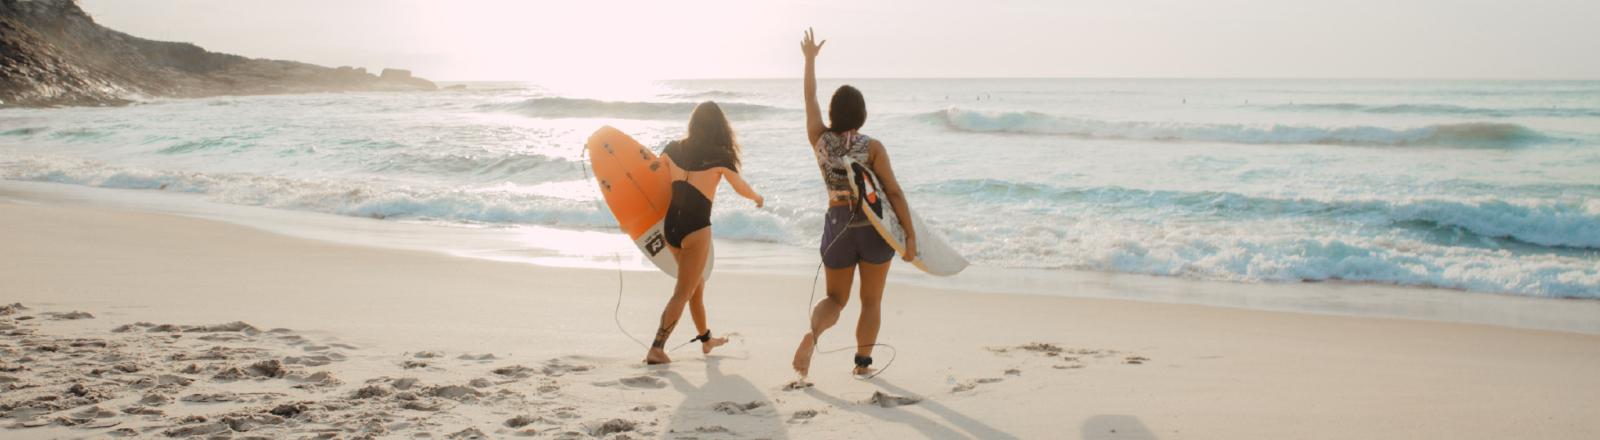 Zwei Frauen laufen mit Surfbrettern auf das Meer zu.